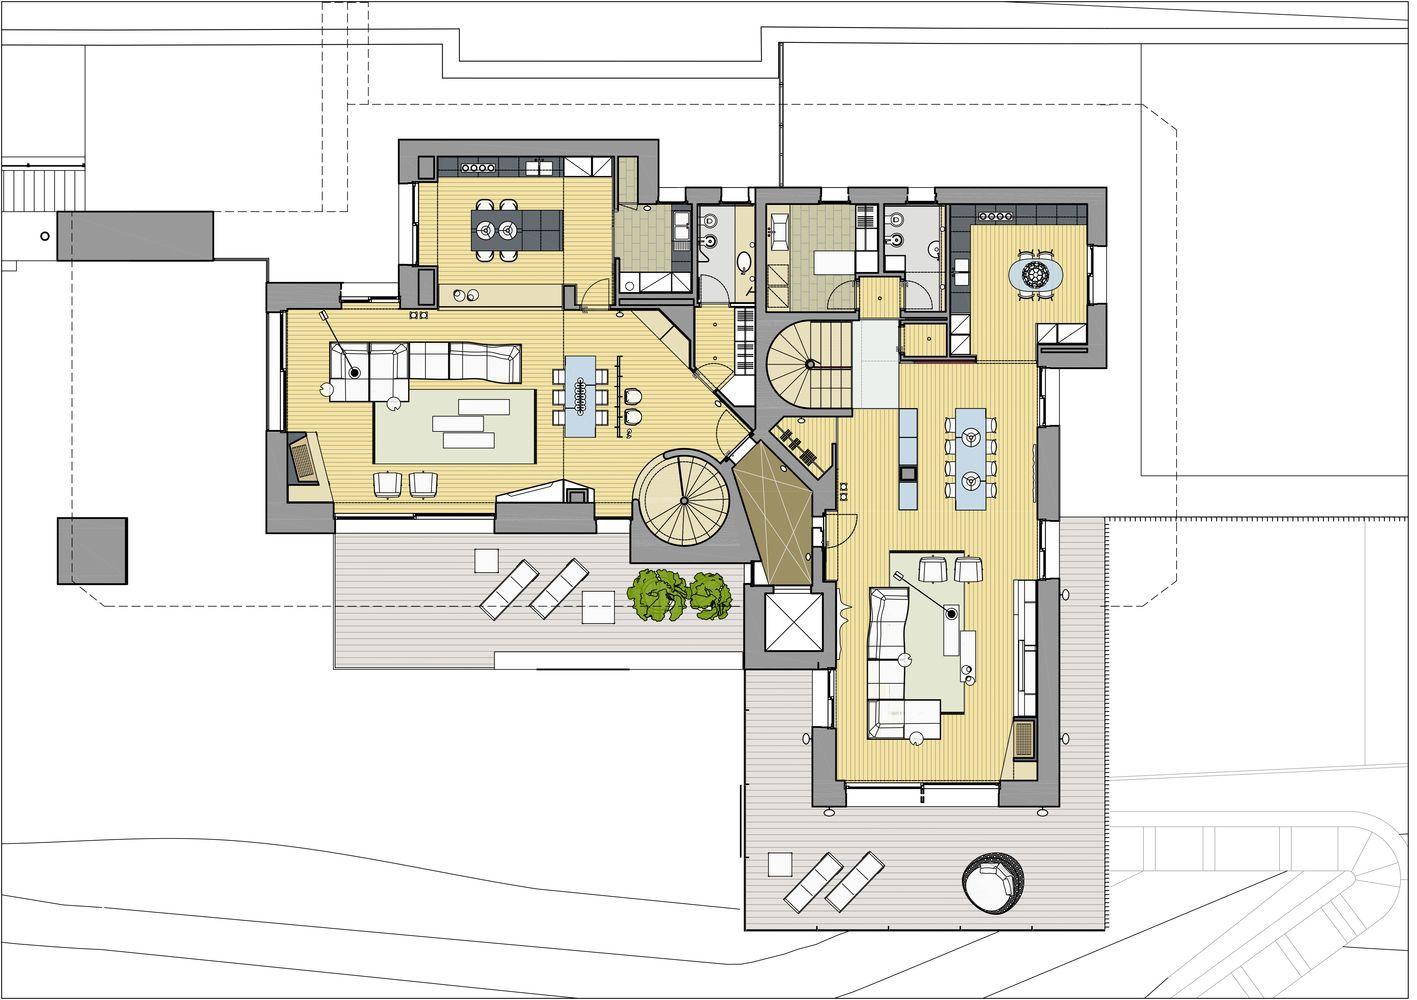 Gallery of Villa Carber / Buratti Architetti - 20